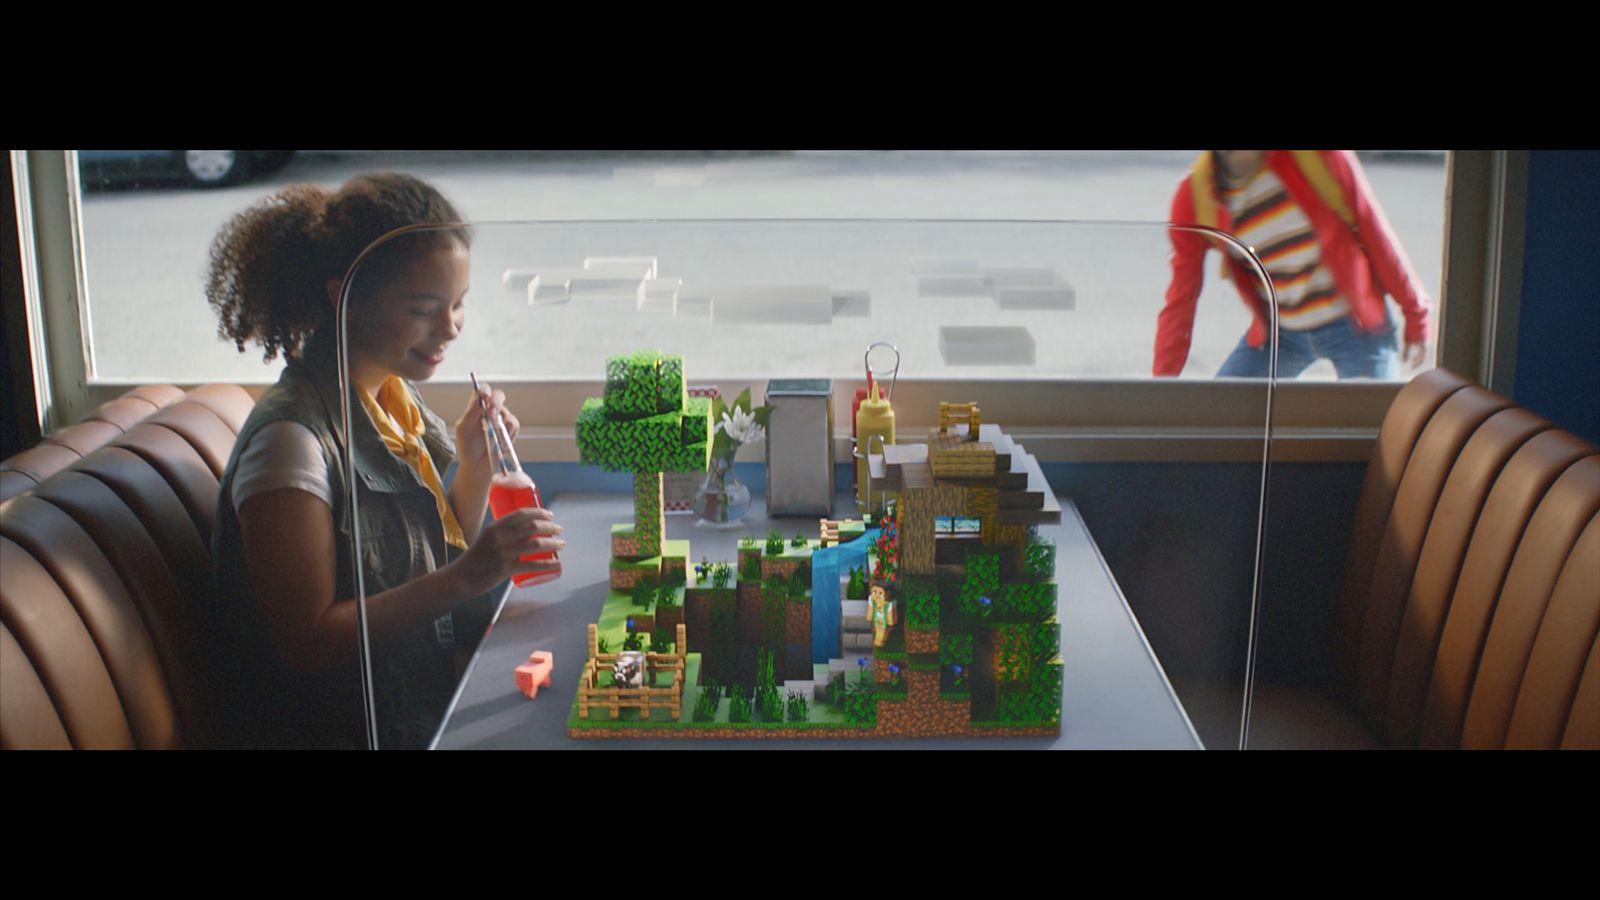 NUR ALS ZITAT Screenshot Netzwelt/ Minecraft